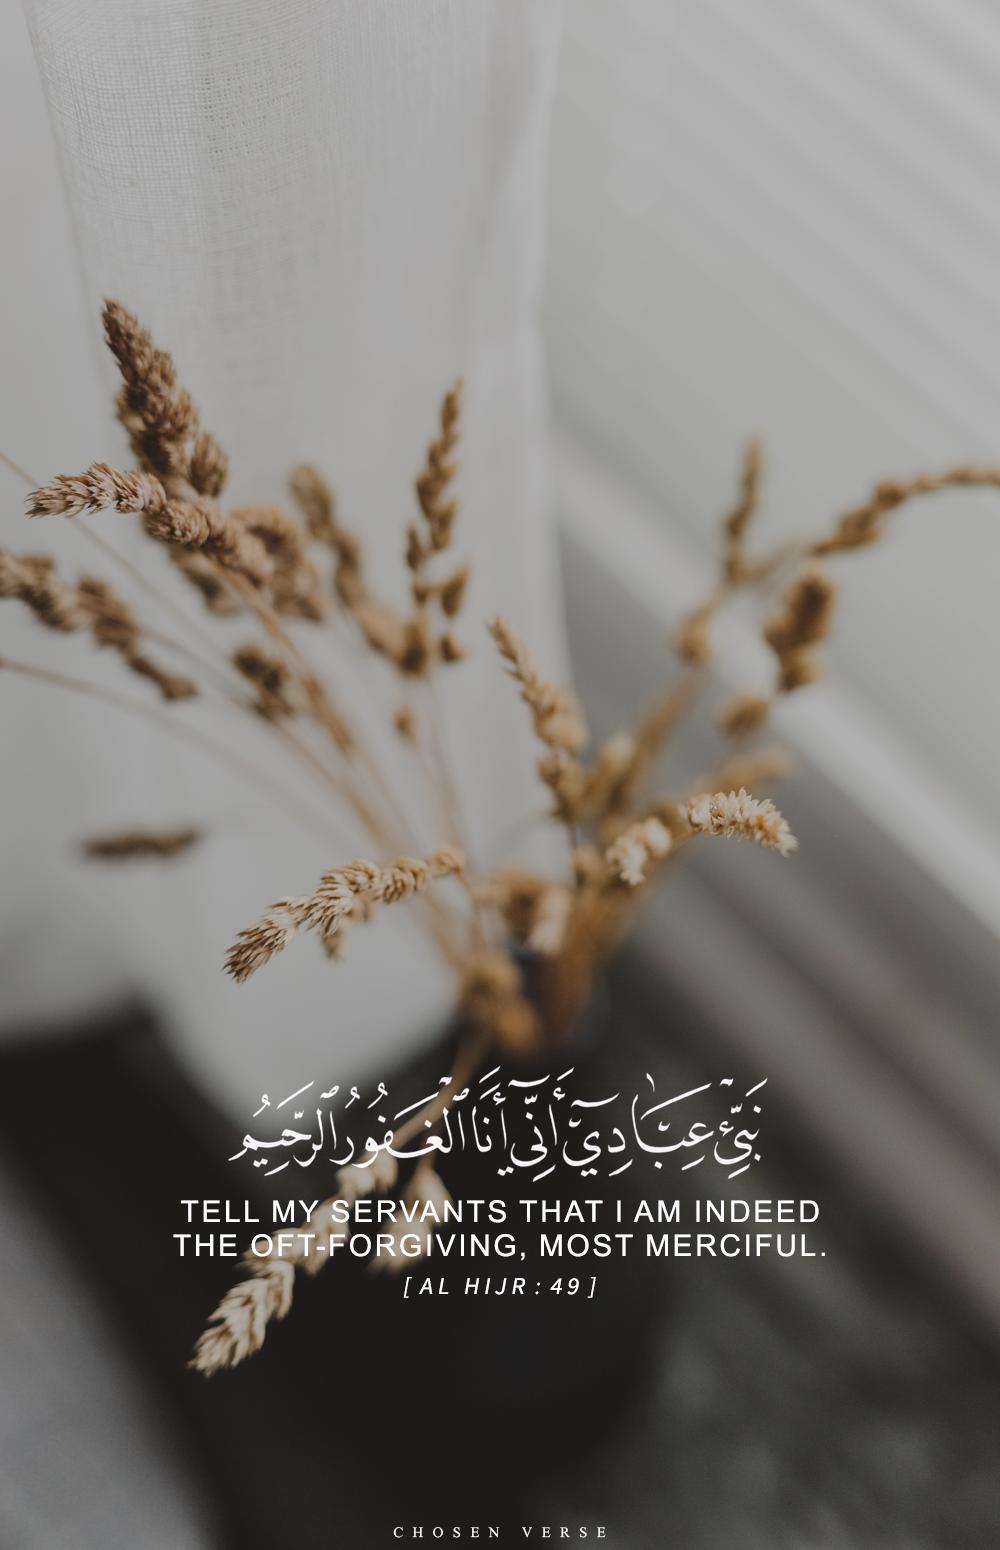 ن ب ئ ع ب اد ي أ ن ي أ ن ا ال غ ف ور الر ح يم و أ ن ع ذ اب ي ه و ال ع ذ اب ال أ ل يم ولما ذكر ما يو Islamic Quotes Quran Quran Surah Quran Quotes